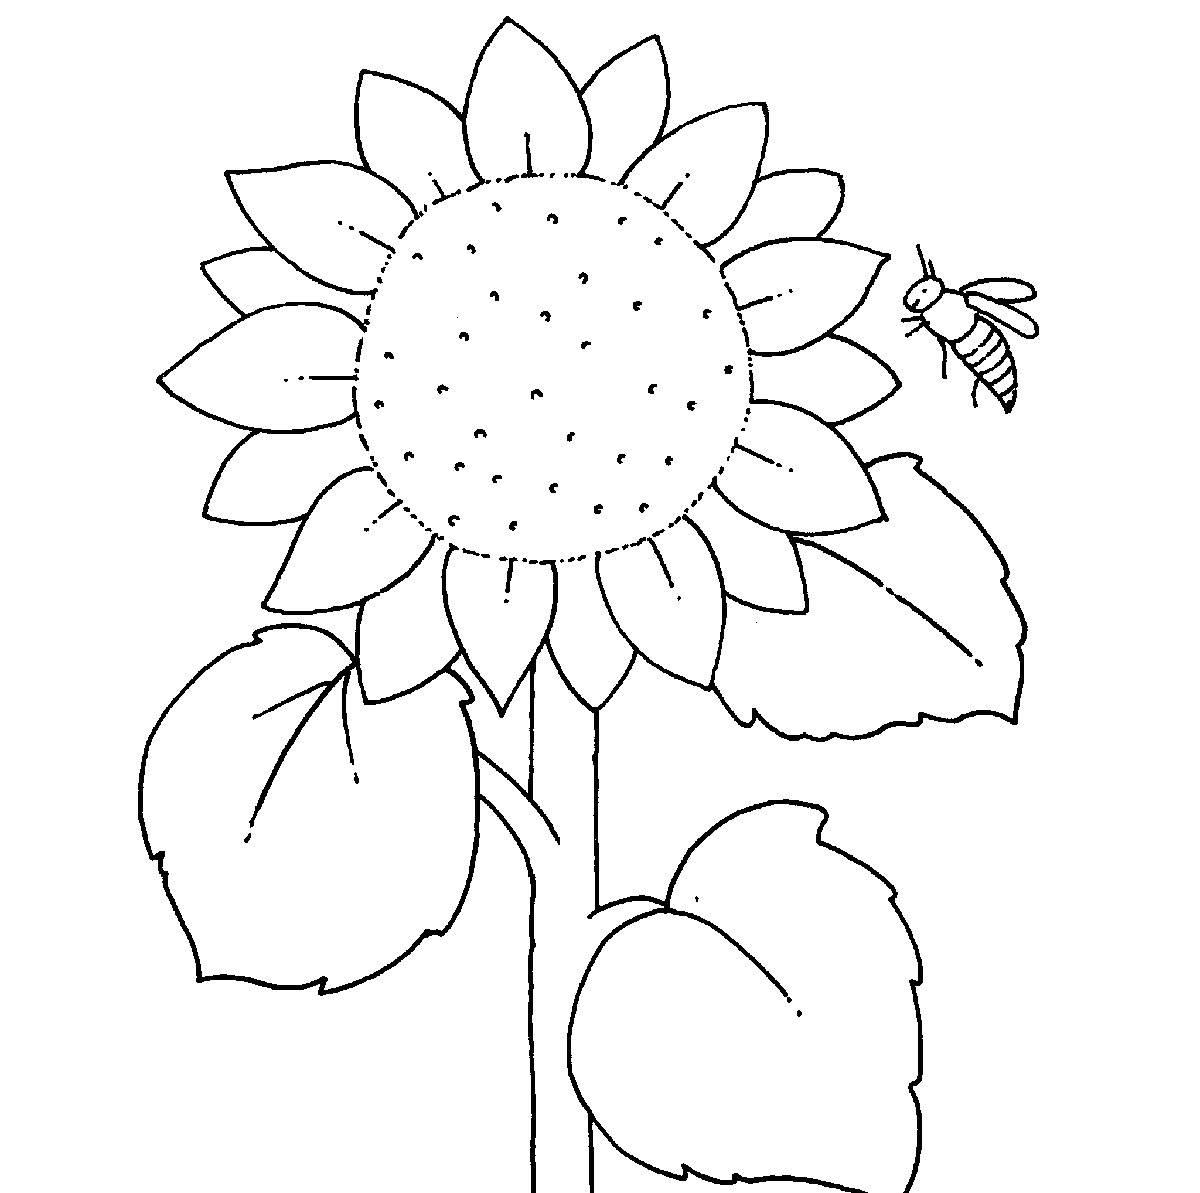 kostenlose malvorlage bauernhof sonnenblume zum ausmalen. Black Bedroom Furniture Sets. Home Design Ideas